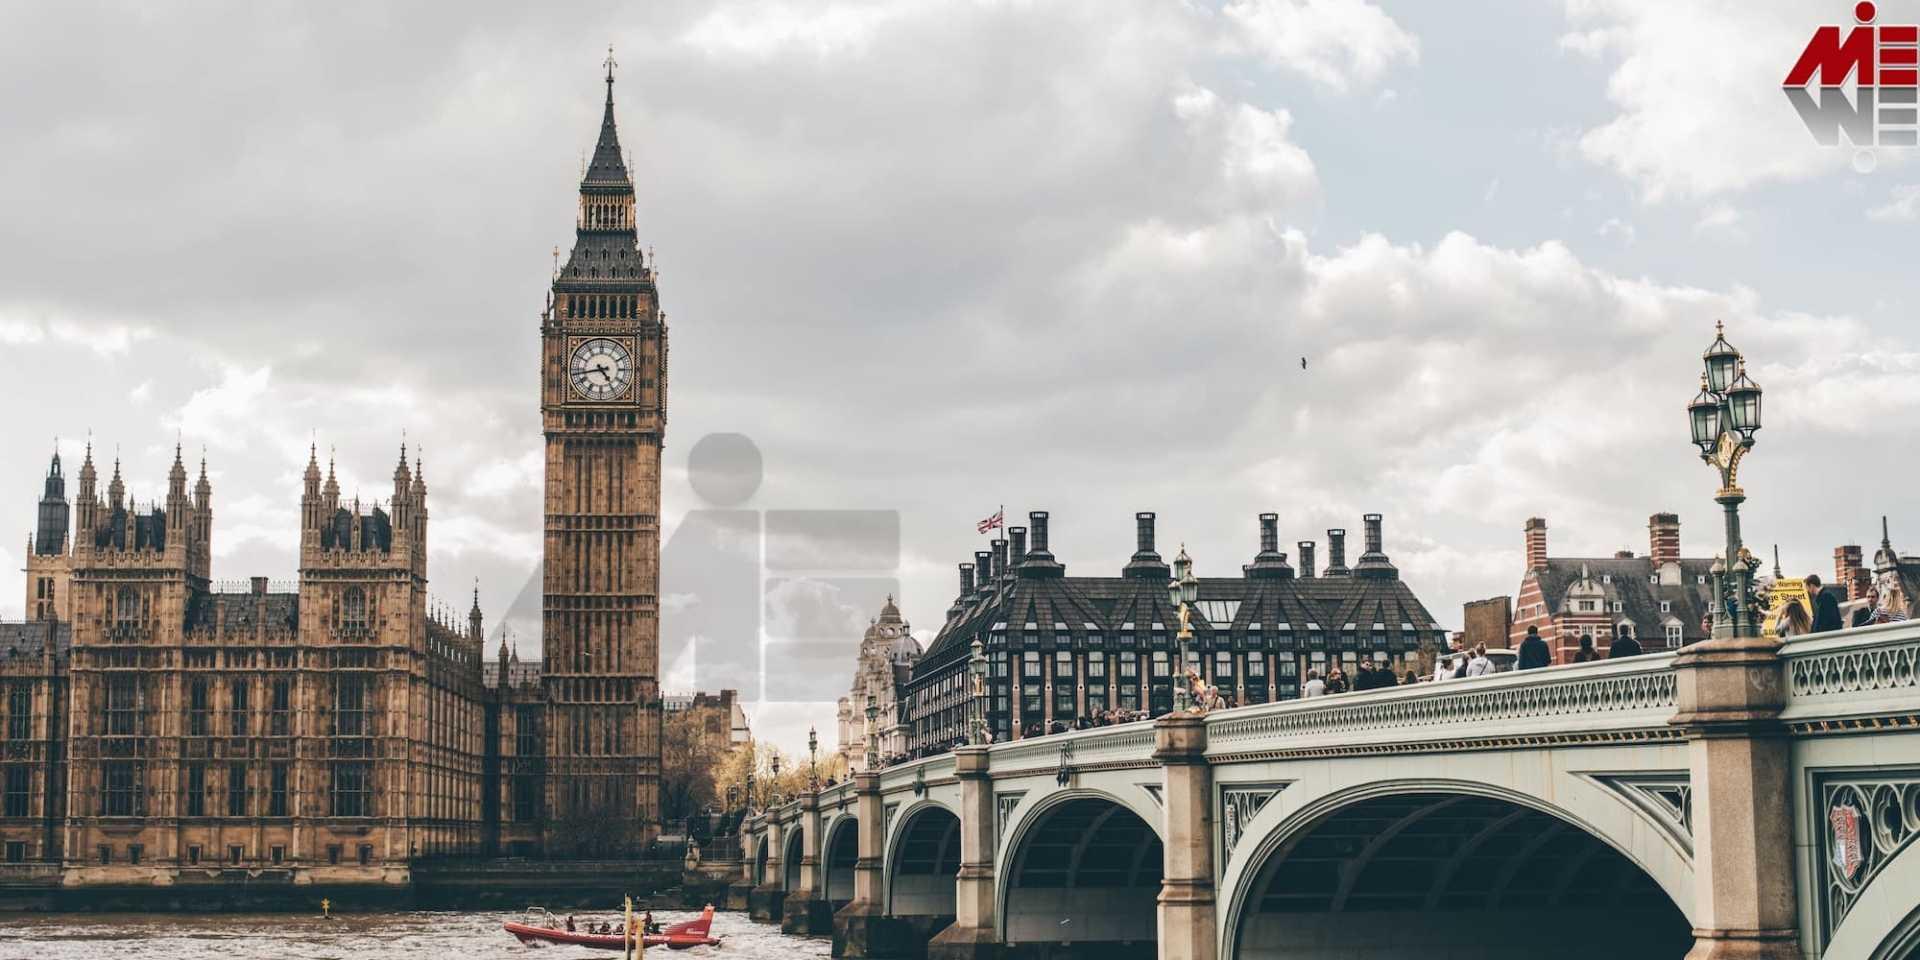 اقامت انگلستان با خرید ملک 2 اقامت انگلستان با خرید ملک